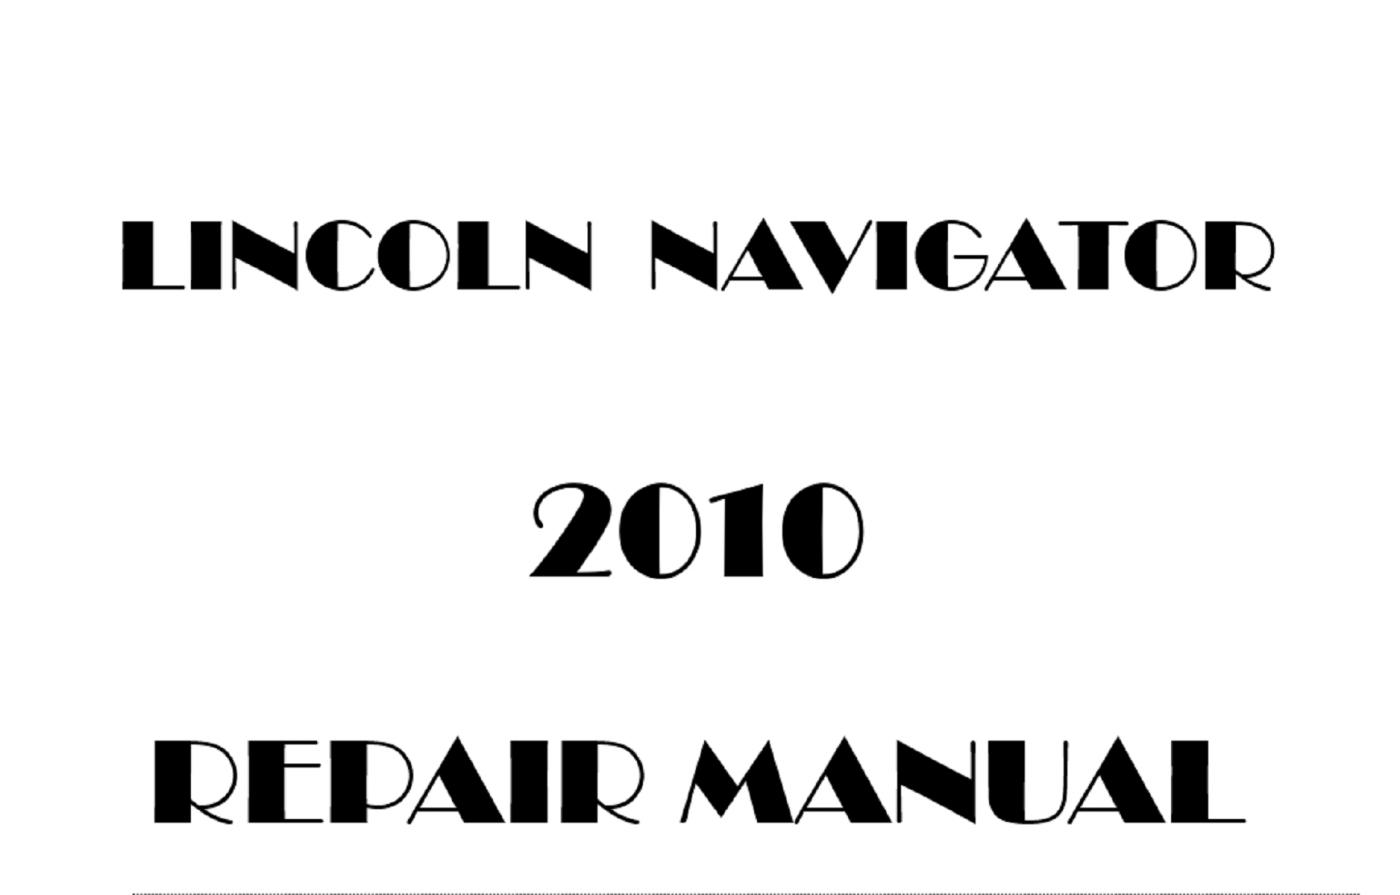 2010 Lincoln Navigator Repair Manual